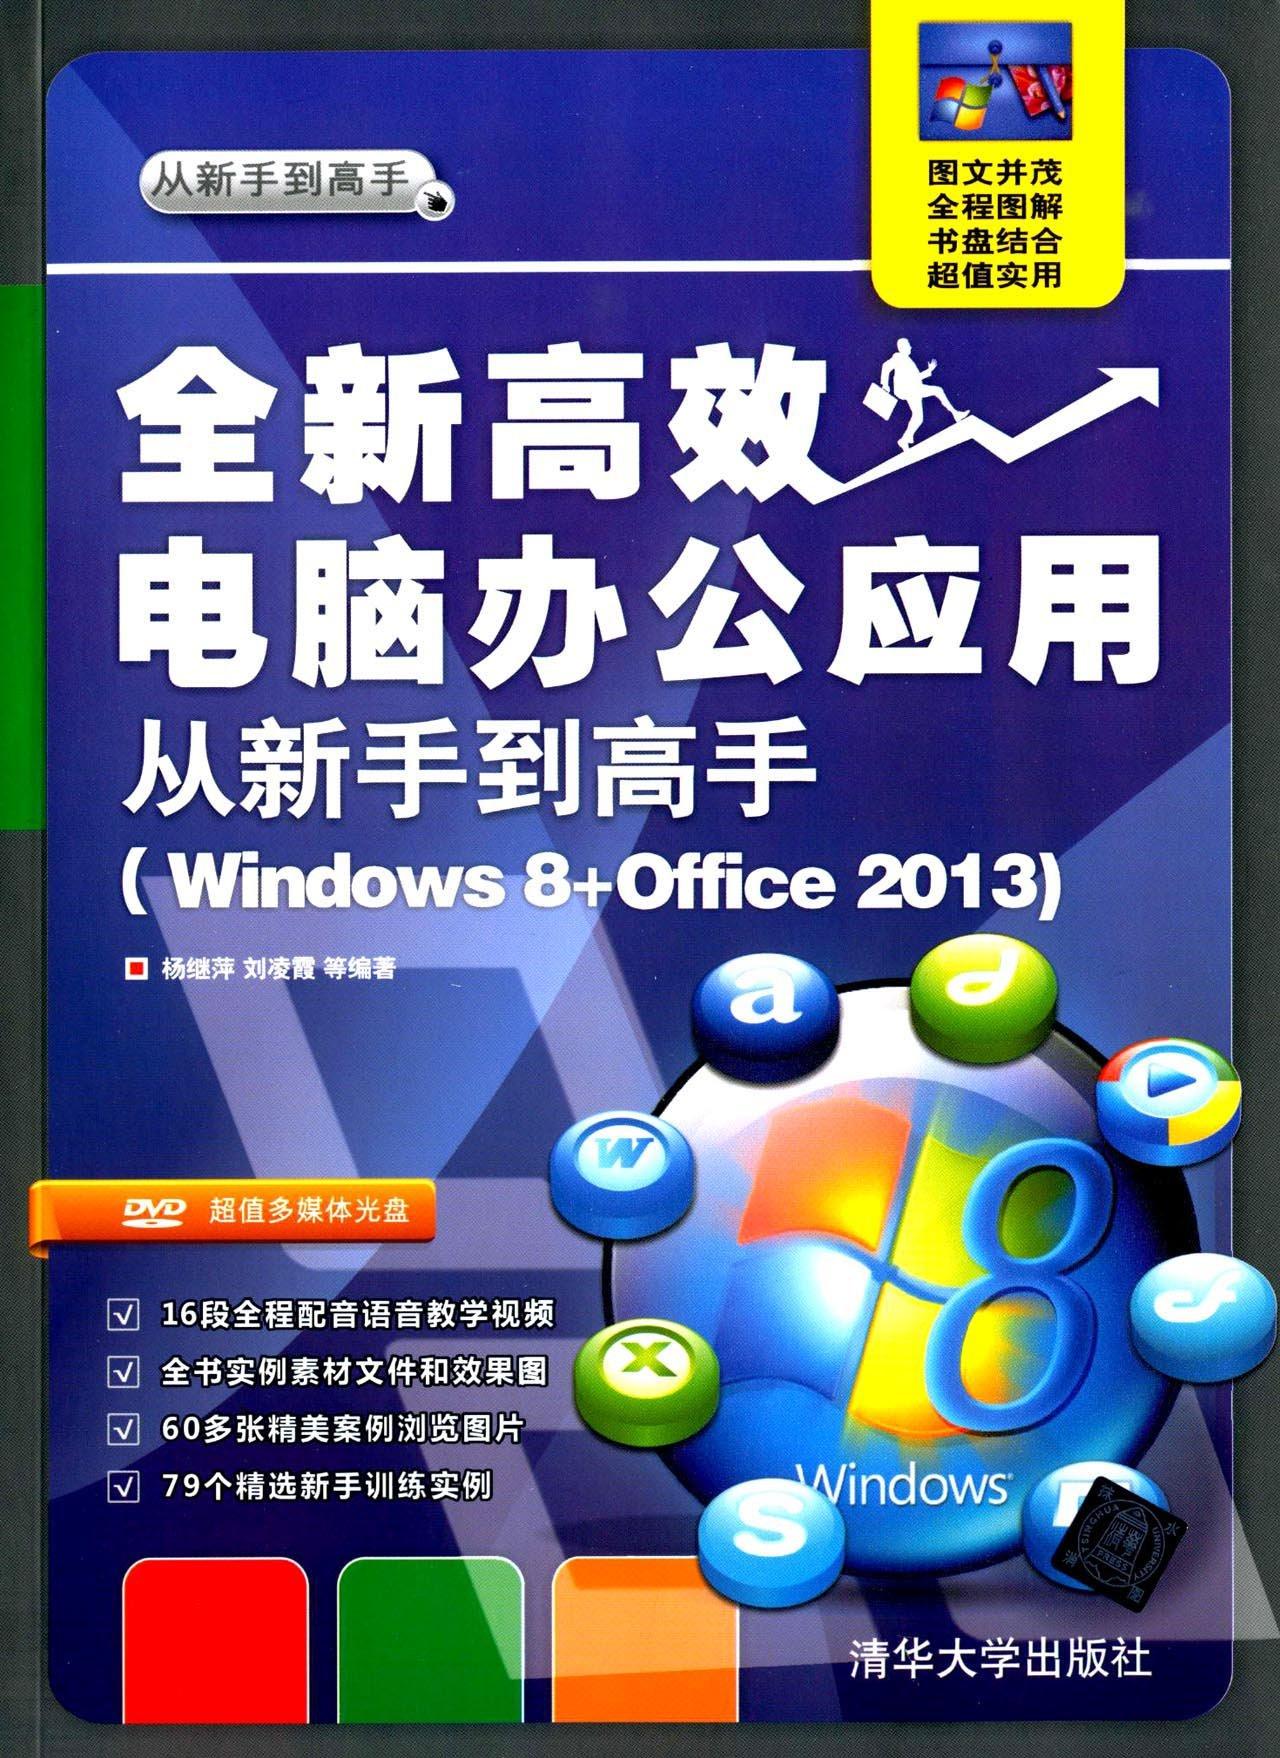 初心者からエキスパートまで、新しく効率的なコンピューターオフィスアプリケーション(Windows 8 + Office 2013)